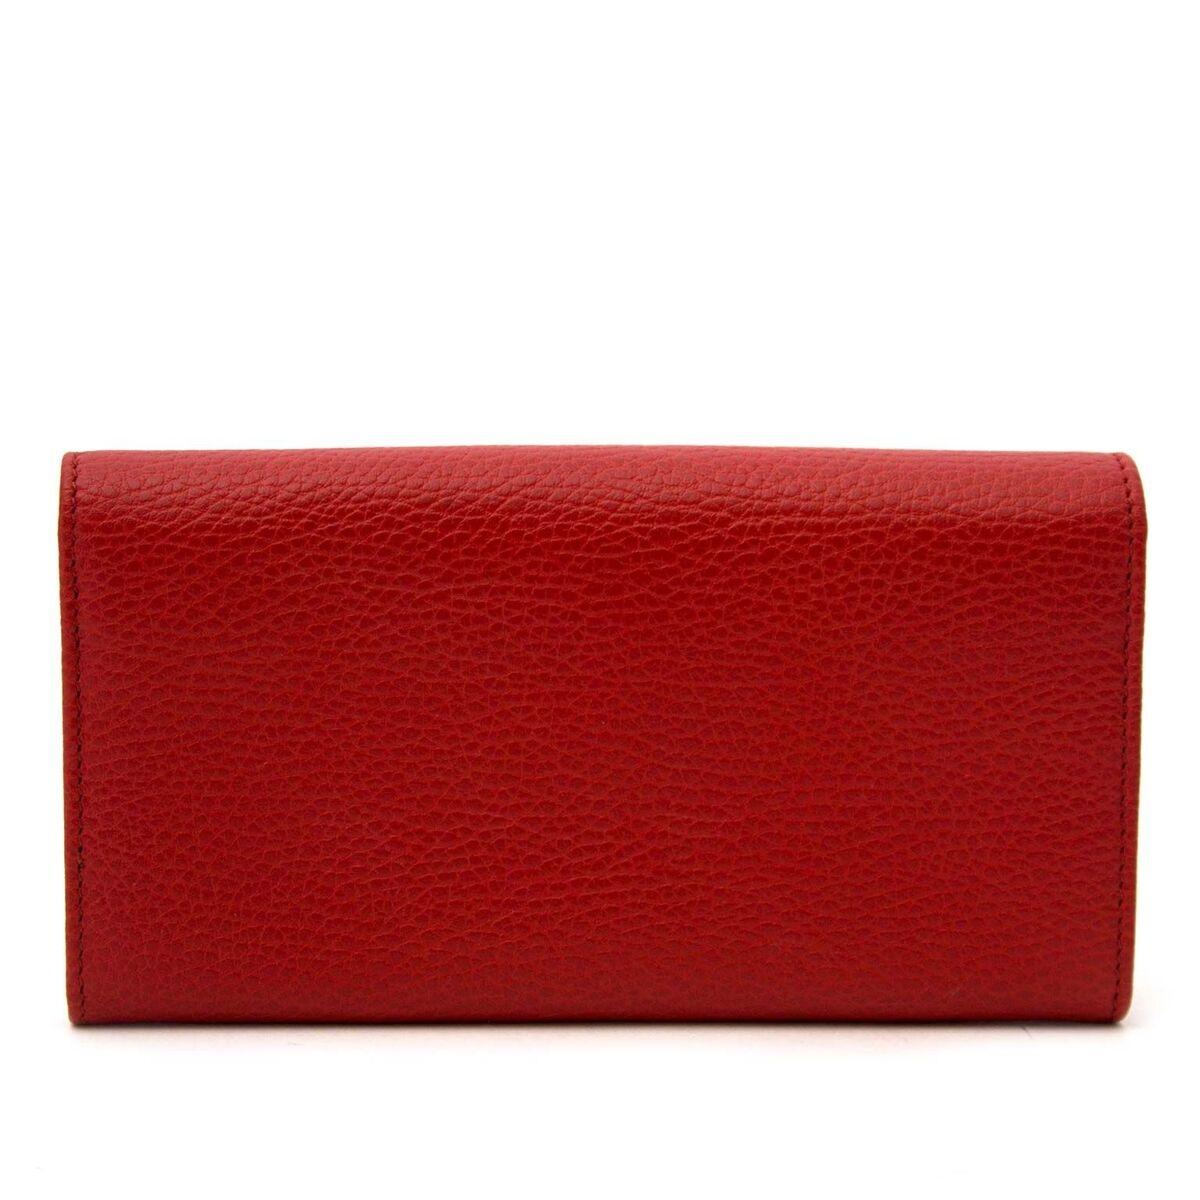 Koop authentieke tweedehands Gucci rode portefeuilles aan een eerlijke prijs bij LabelLOV. Veilig online shoppen.